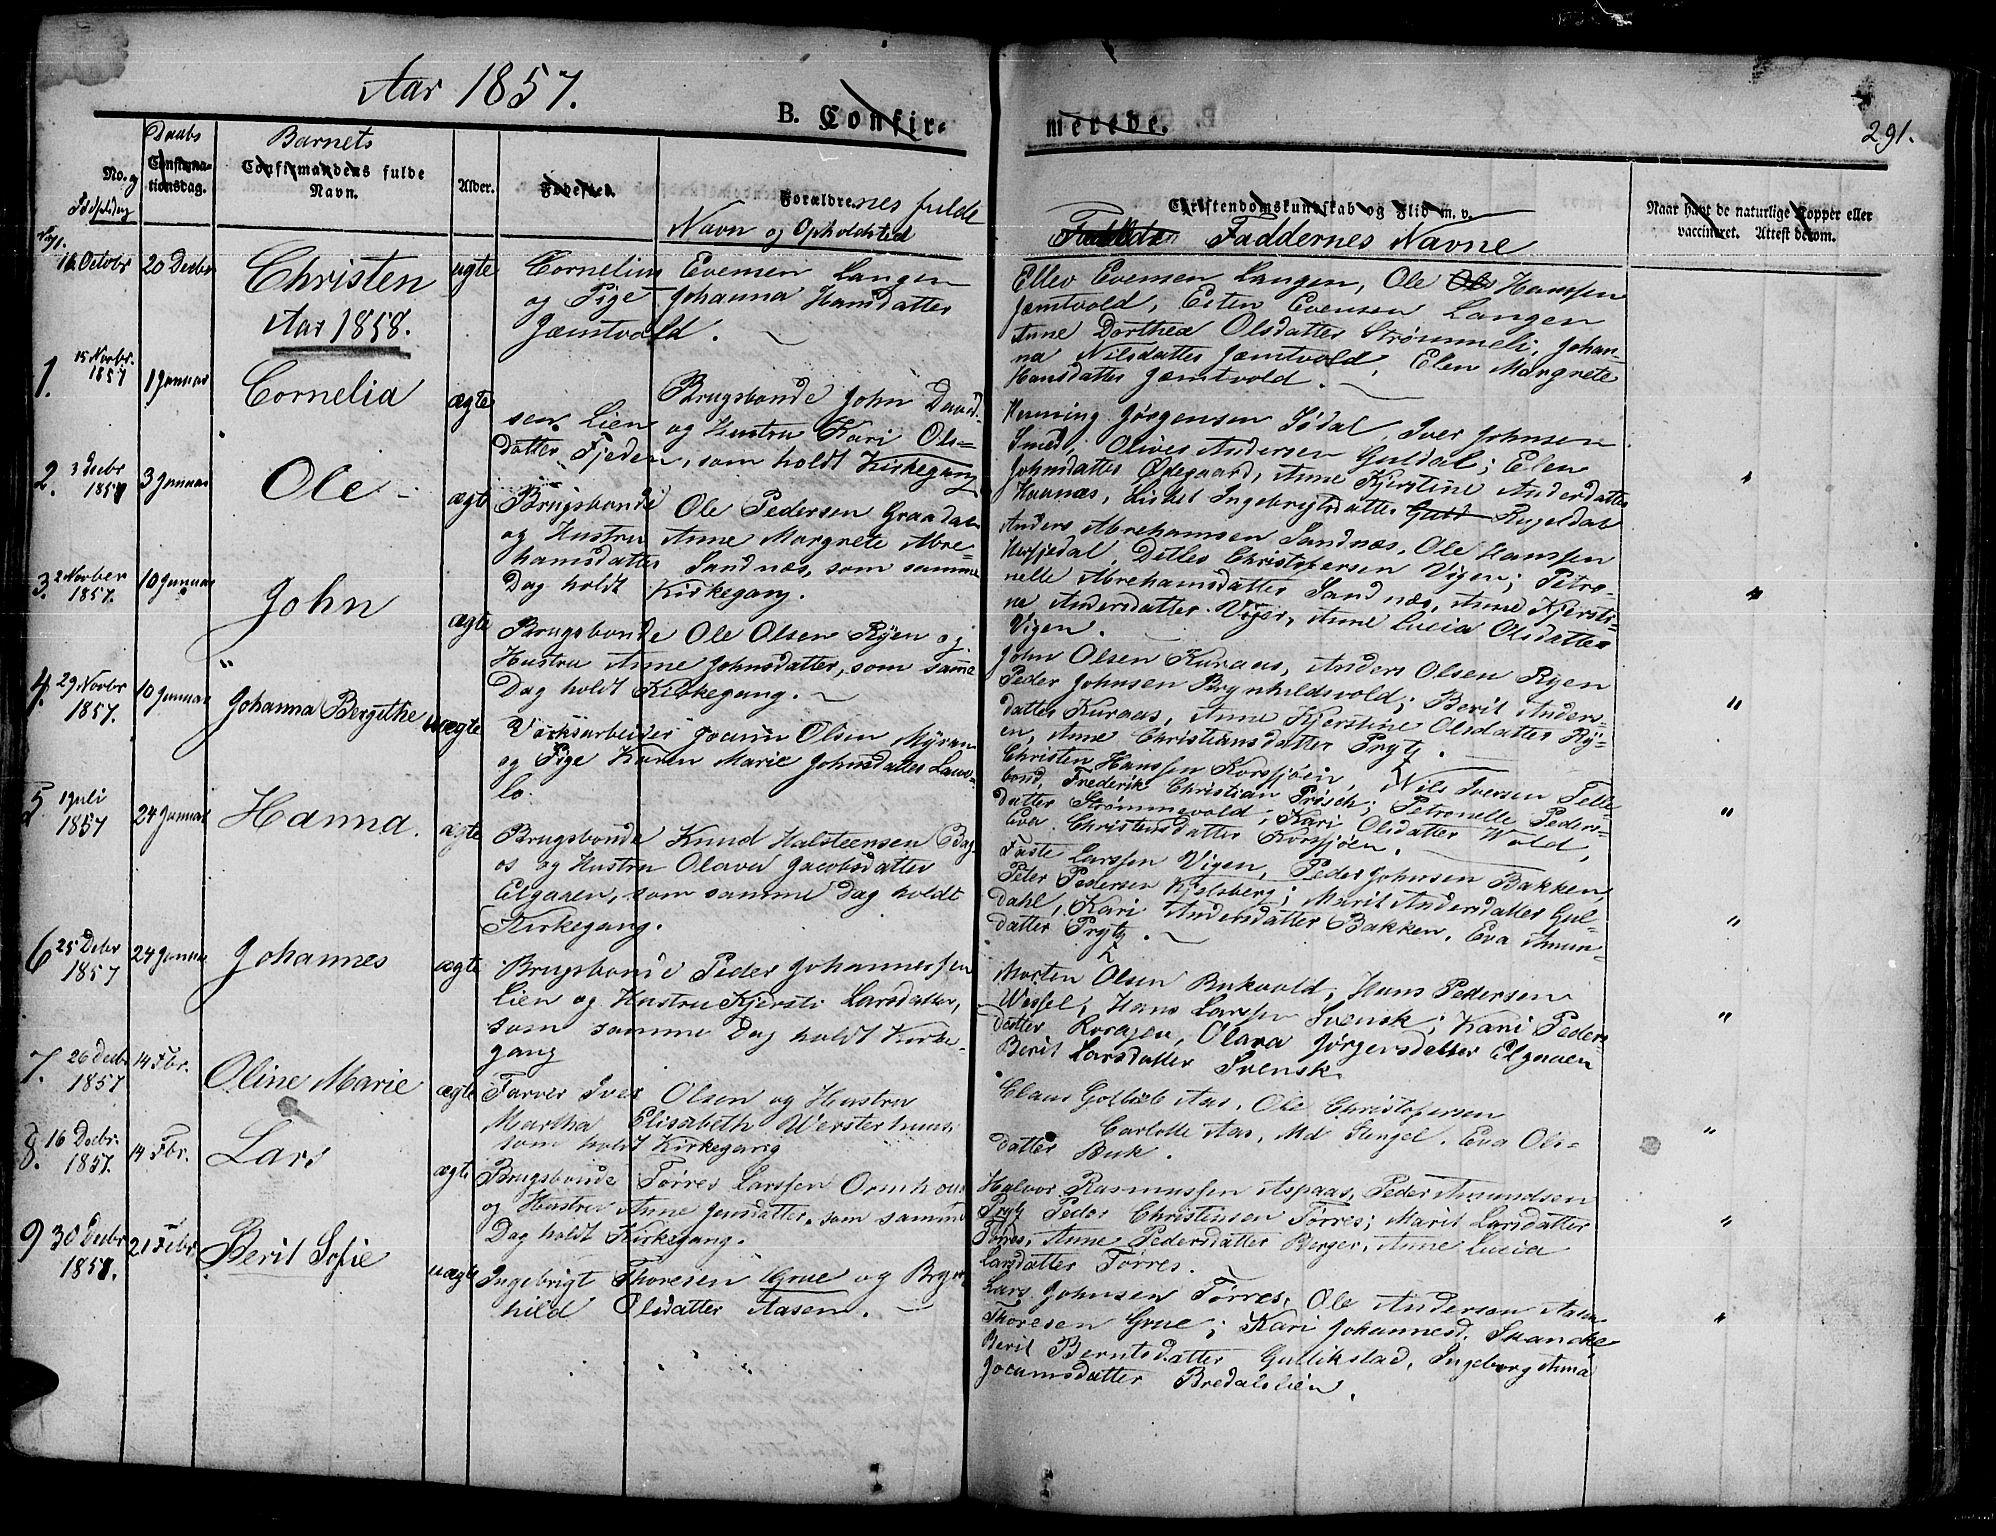 SAT, Ministerialprotokoller, klokkerbøker og fødselsregistre - Sør-Trøndelag, 681/L0938: Klokkerbok nr. 681C02, 1829-1879, s. 291